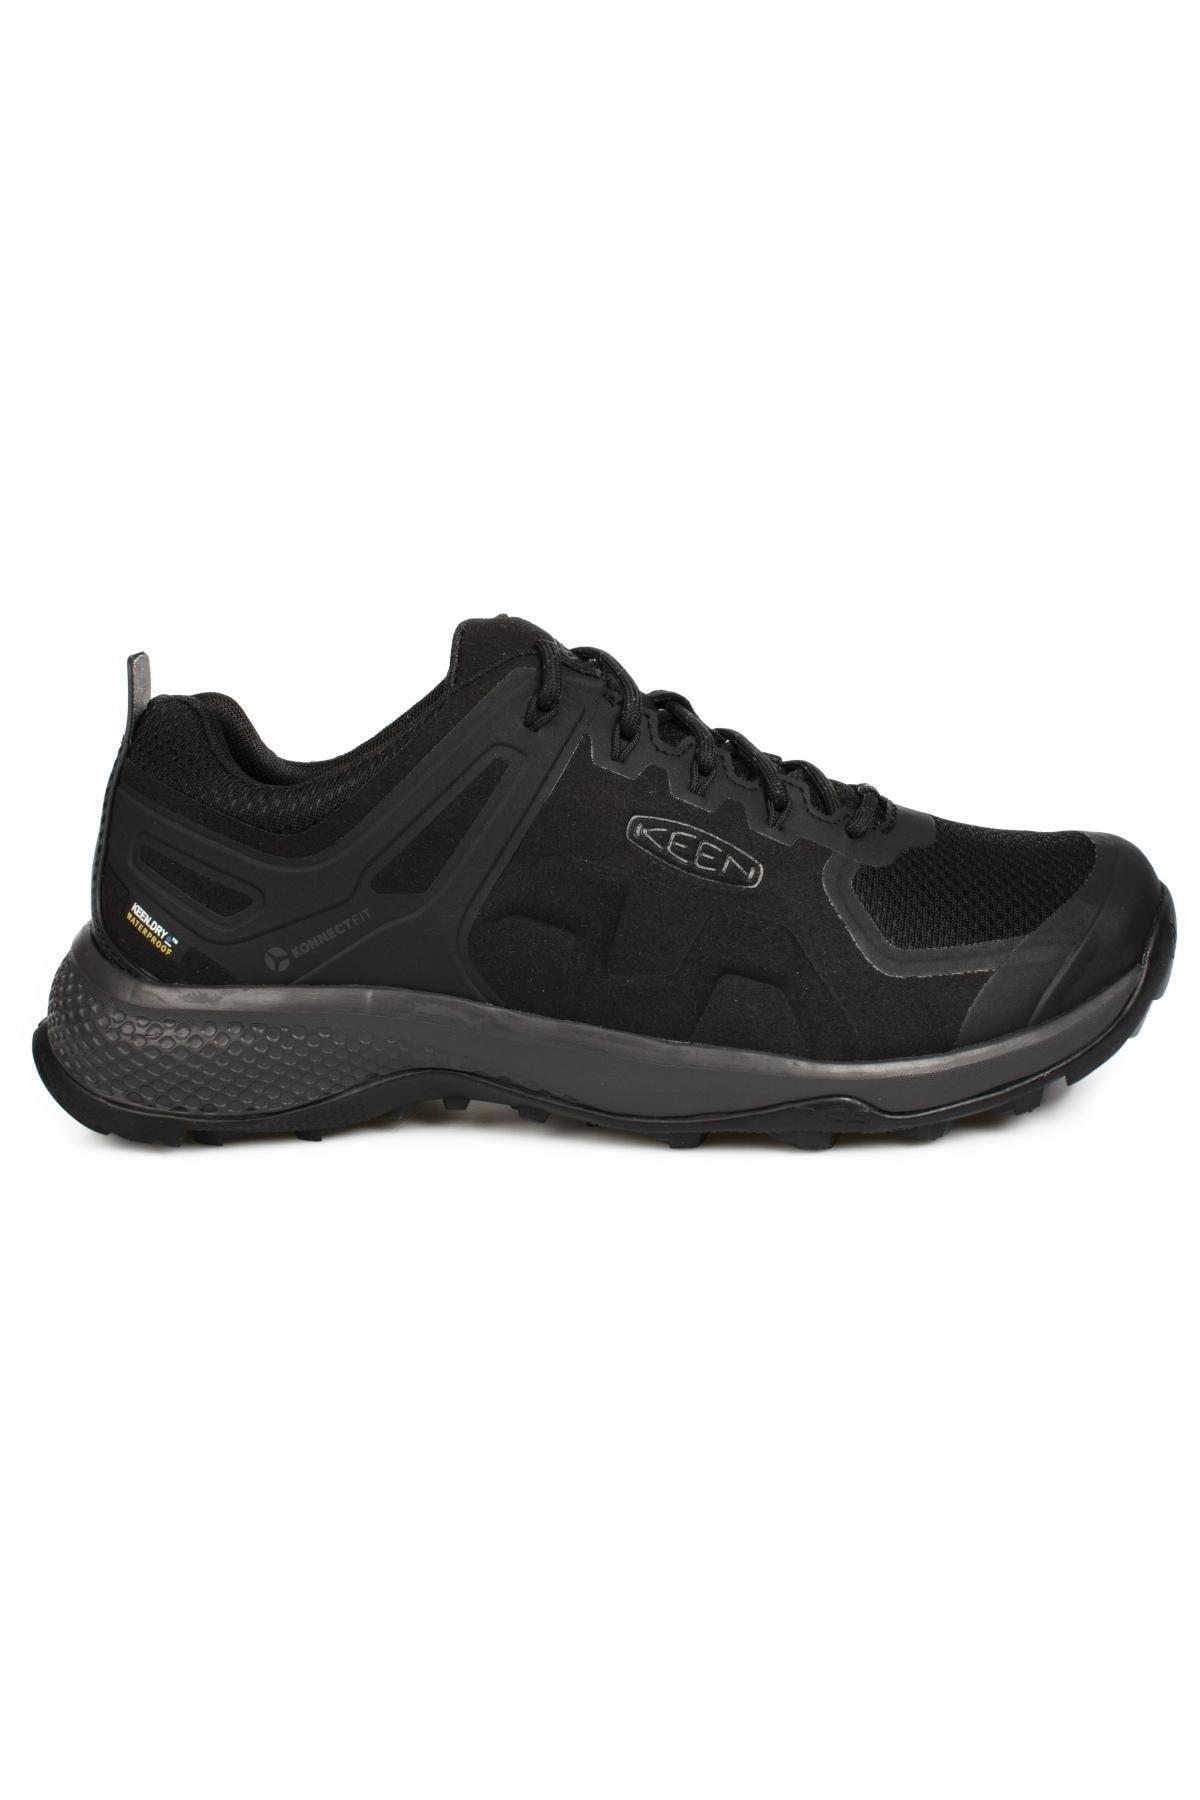 Keen Erkek Siyah Ayakkabı 2